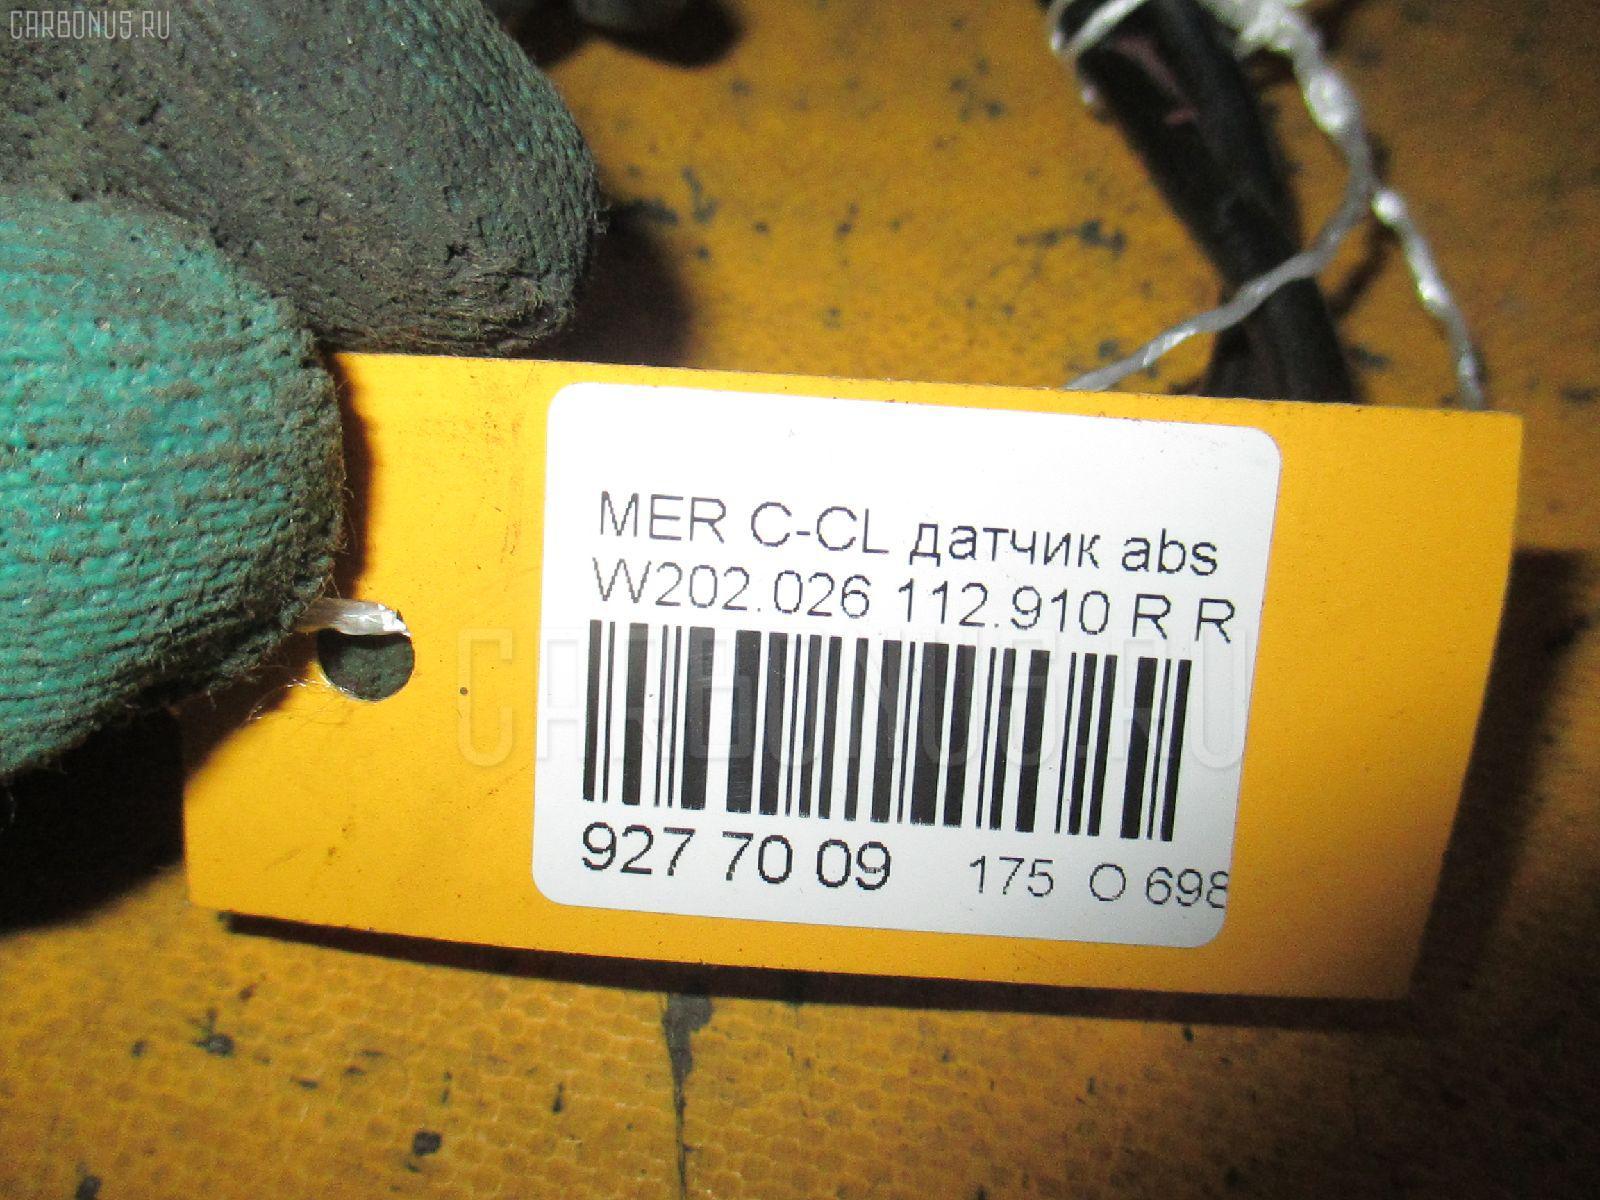 Датчик ABS MERCEDES-BENZ C-CLASS W202.026 112.910 Фото 2